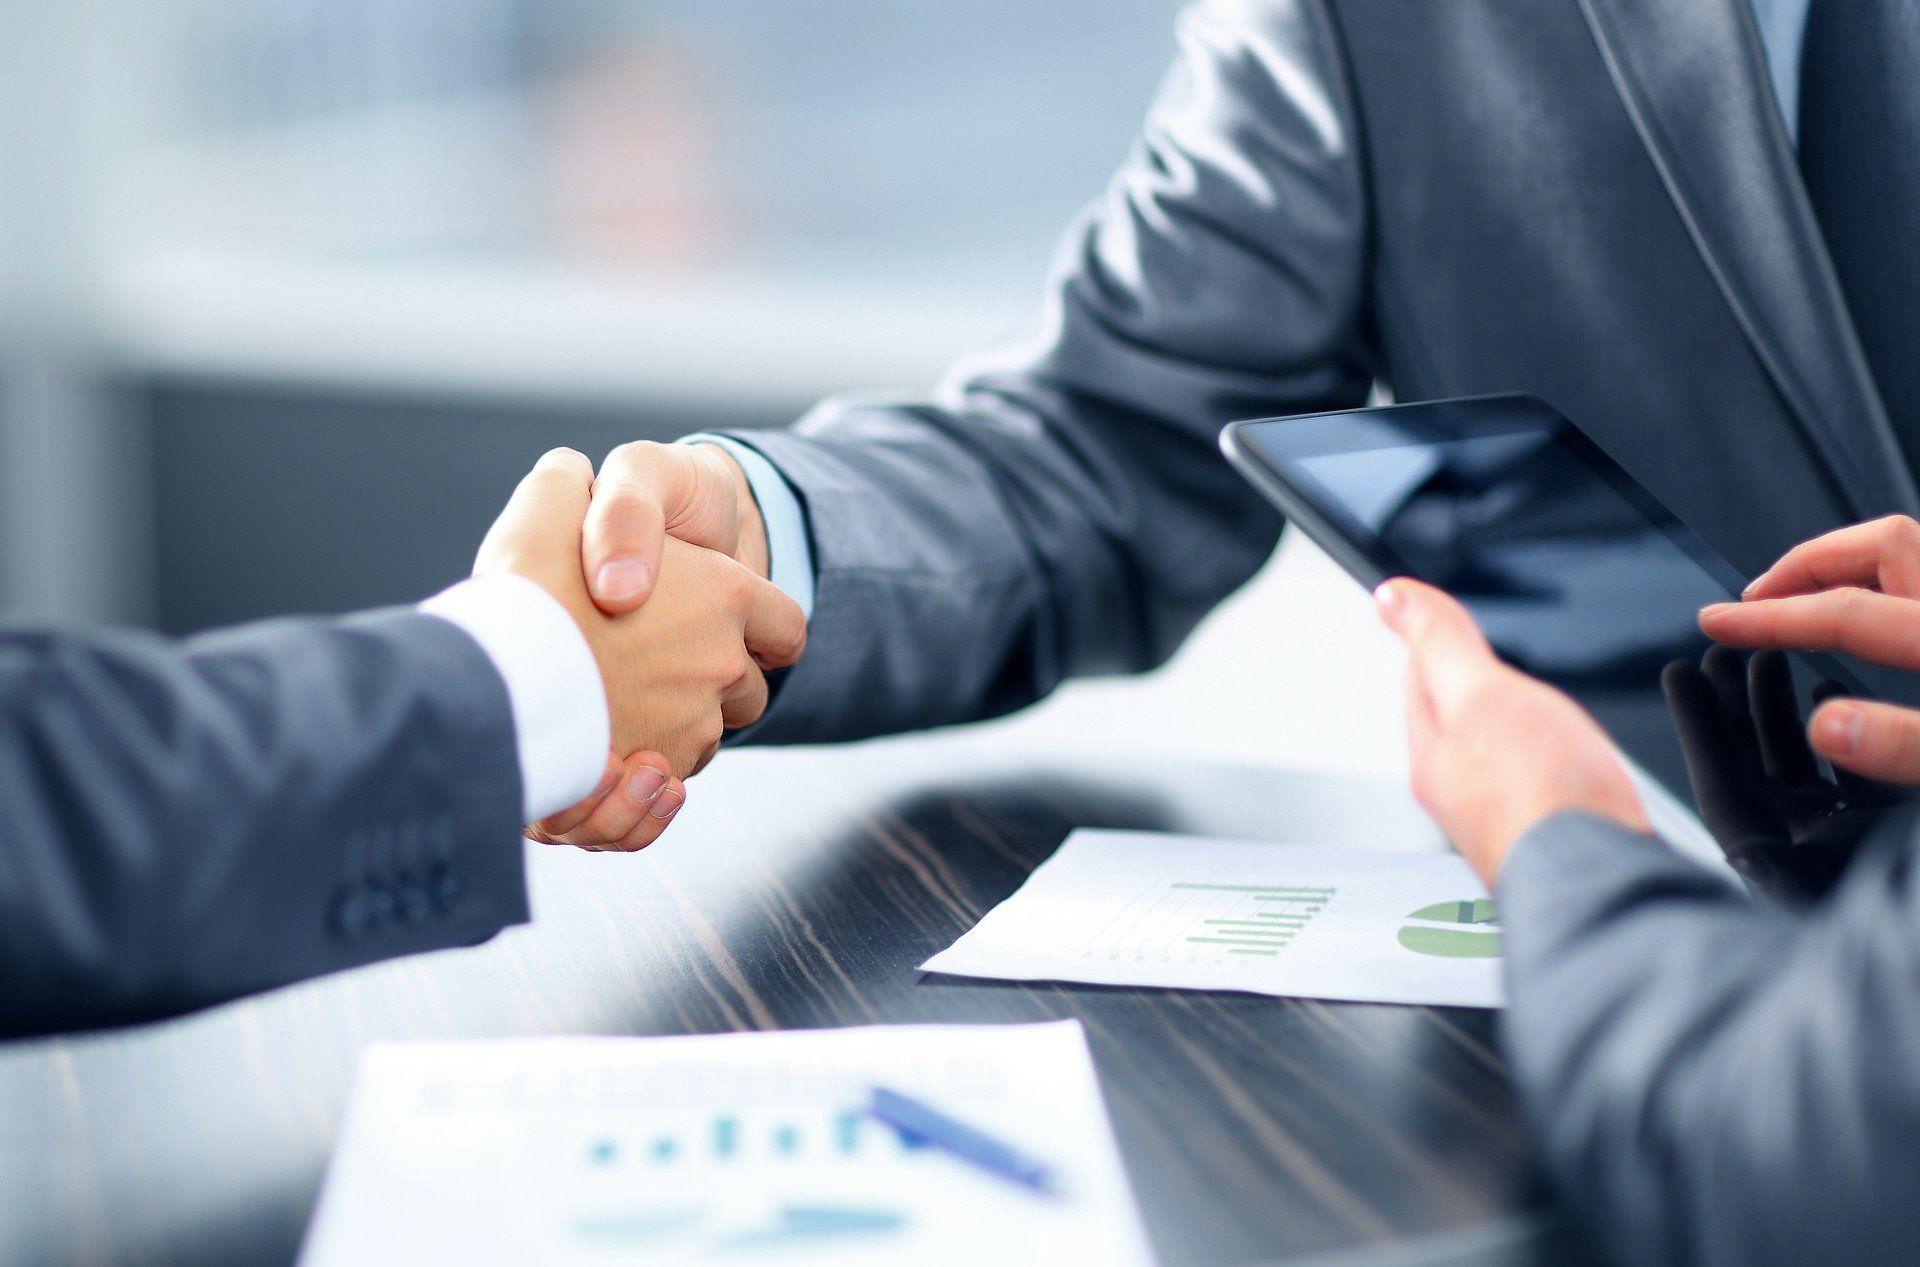 Worldline apoya a PSA GmbH en la implantación de uno de los ecosistemas de pago más avanzados de Europa